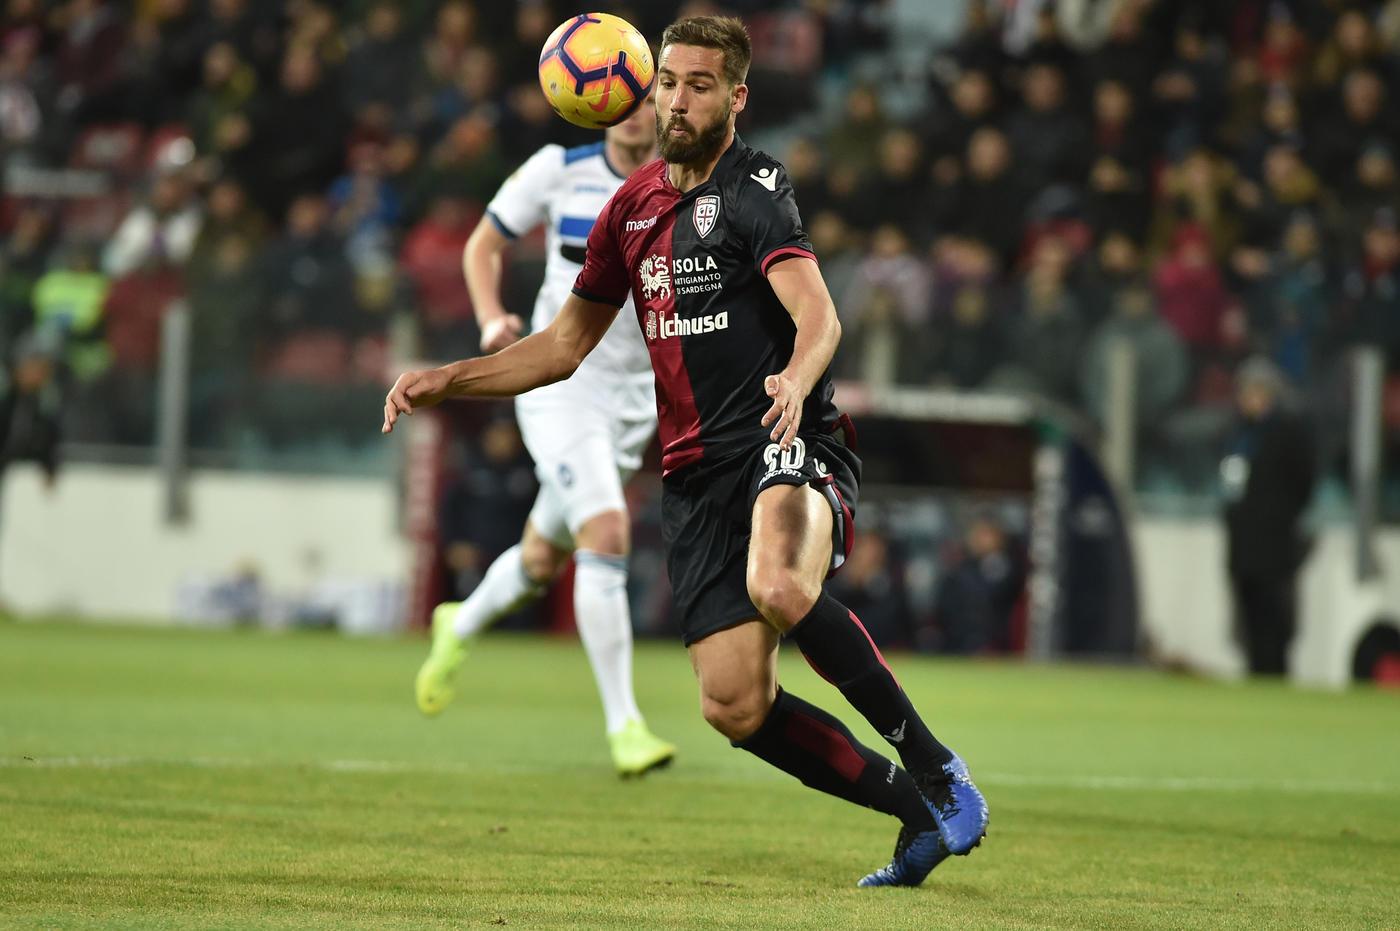 Coppa Italia, Cagliari-Atalanta 0-2: la Dea si regala la Juventus ai quarti